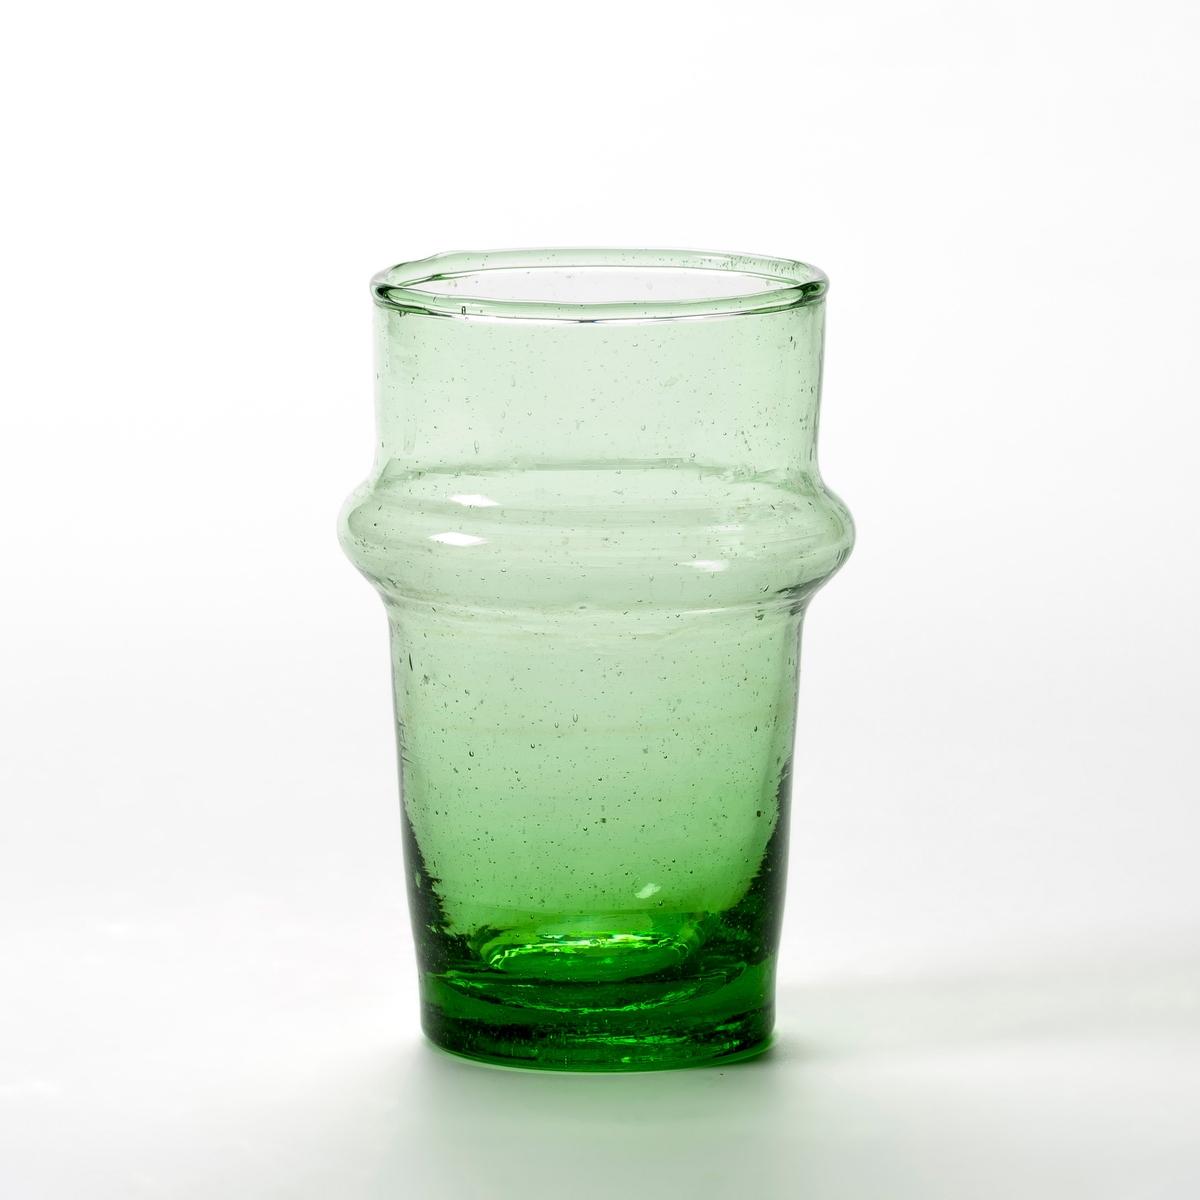 6 стаканов для чая из дутого стекла, Artacama6 стаканов для чая Artacama. Ручная работа, произведено в Марокко из переработанного стекла, придающего приятный зеленый цвет.  Каждый стакан уникален. Из дутого стекла. Размеры  : ?  верха 5,5, ? низа 4 x В.9,5 см. Емкость 9 cl. Можно мыть в посудомоечной машине. Стаканы для воды из этой же коллекции продаются на нашем сайте.<br><br>Цвет: зеленый